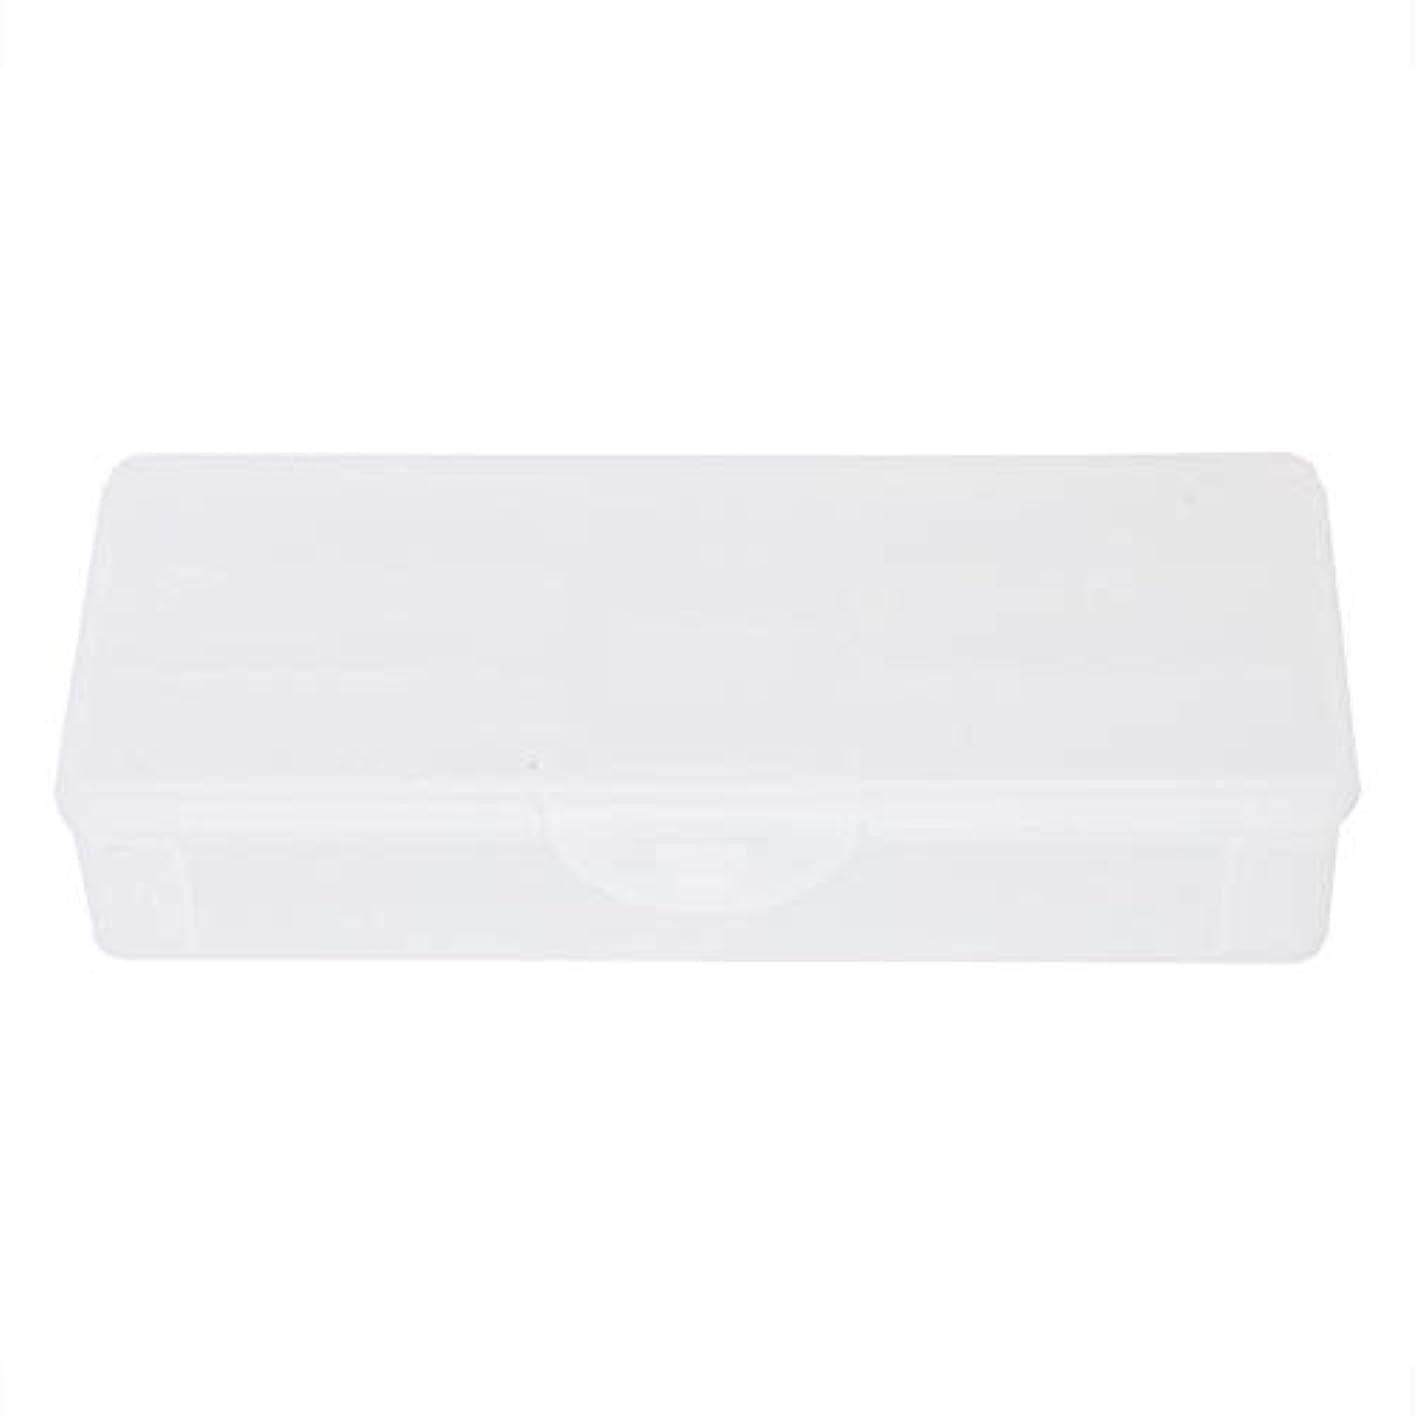 句君主制週間ポータブルプラスチック透明二重層マニキュアネイルツール-空の収納ボックスケースコンテナオーガナイザー